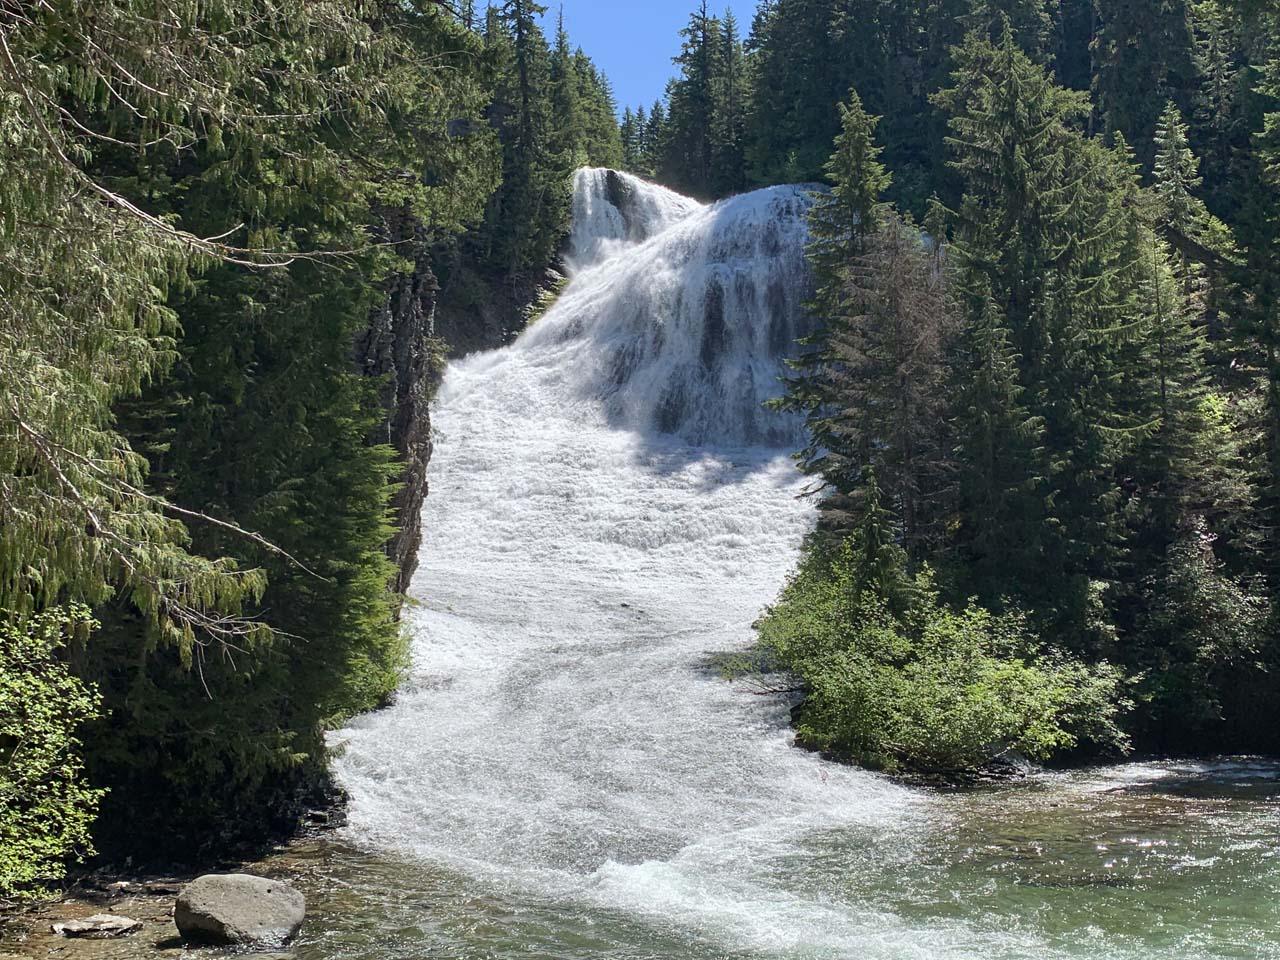 Walupt Falls or Walupt Creek Falls